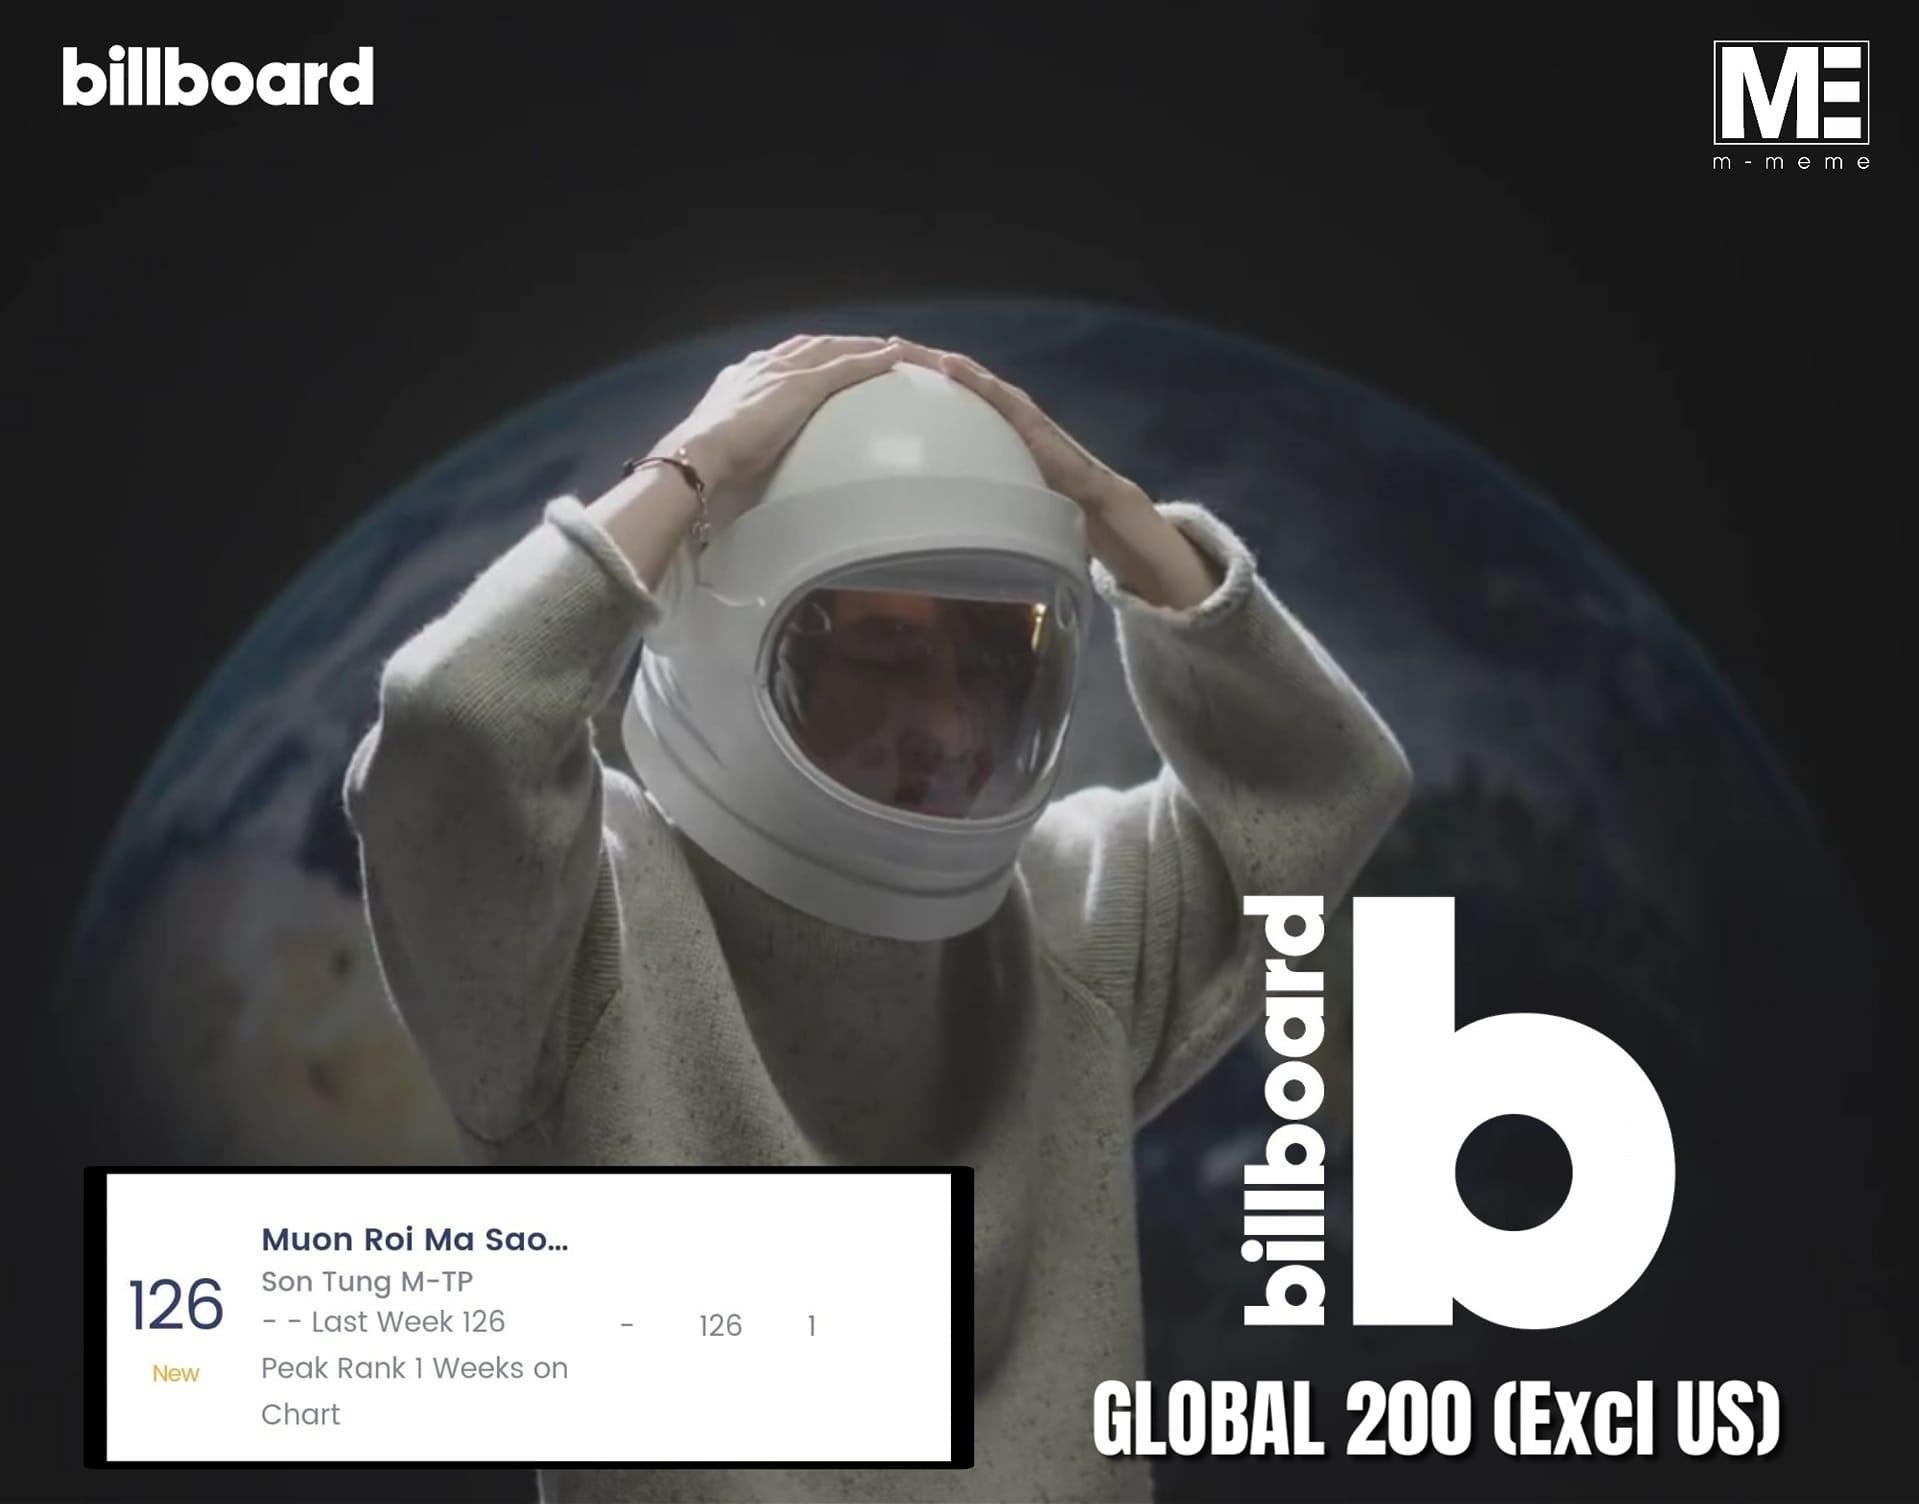 Sơn Tùng vượt mặt nhiều giọng ca đình đám của Đông Nam Á, lập kỳ tích tại Billboard Global 200 - Ảnh 3.